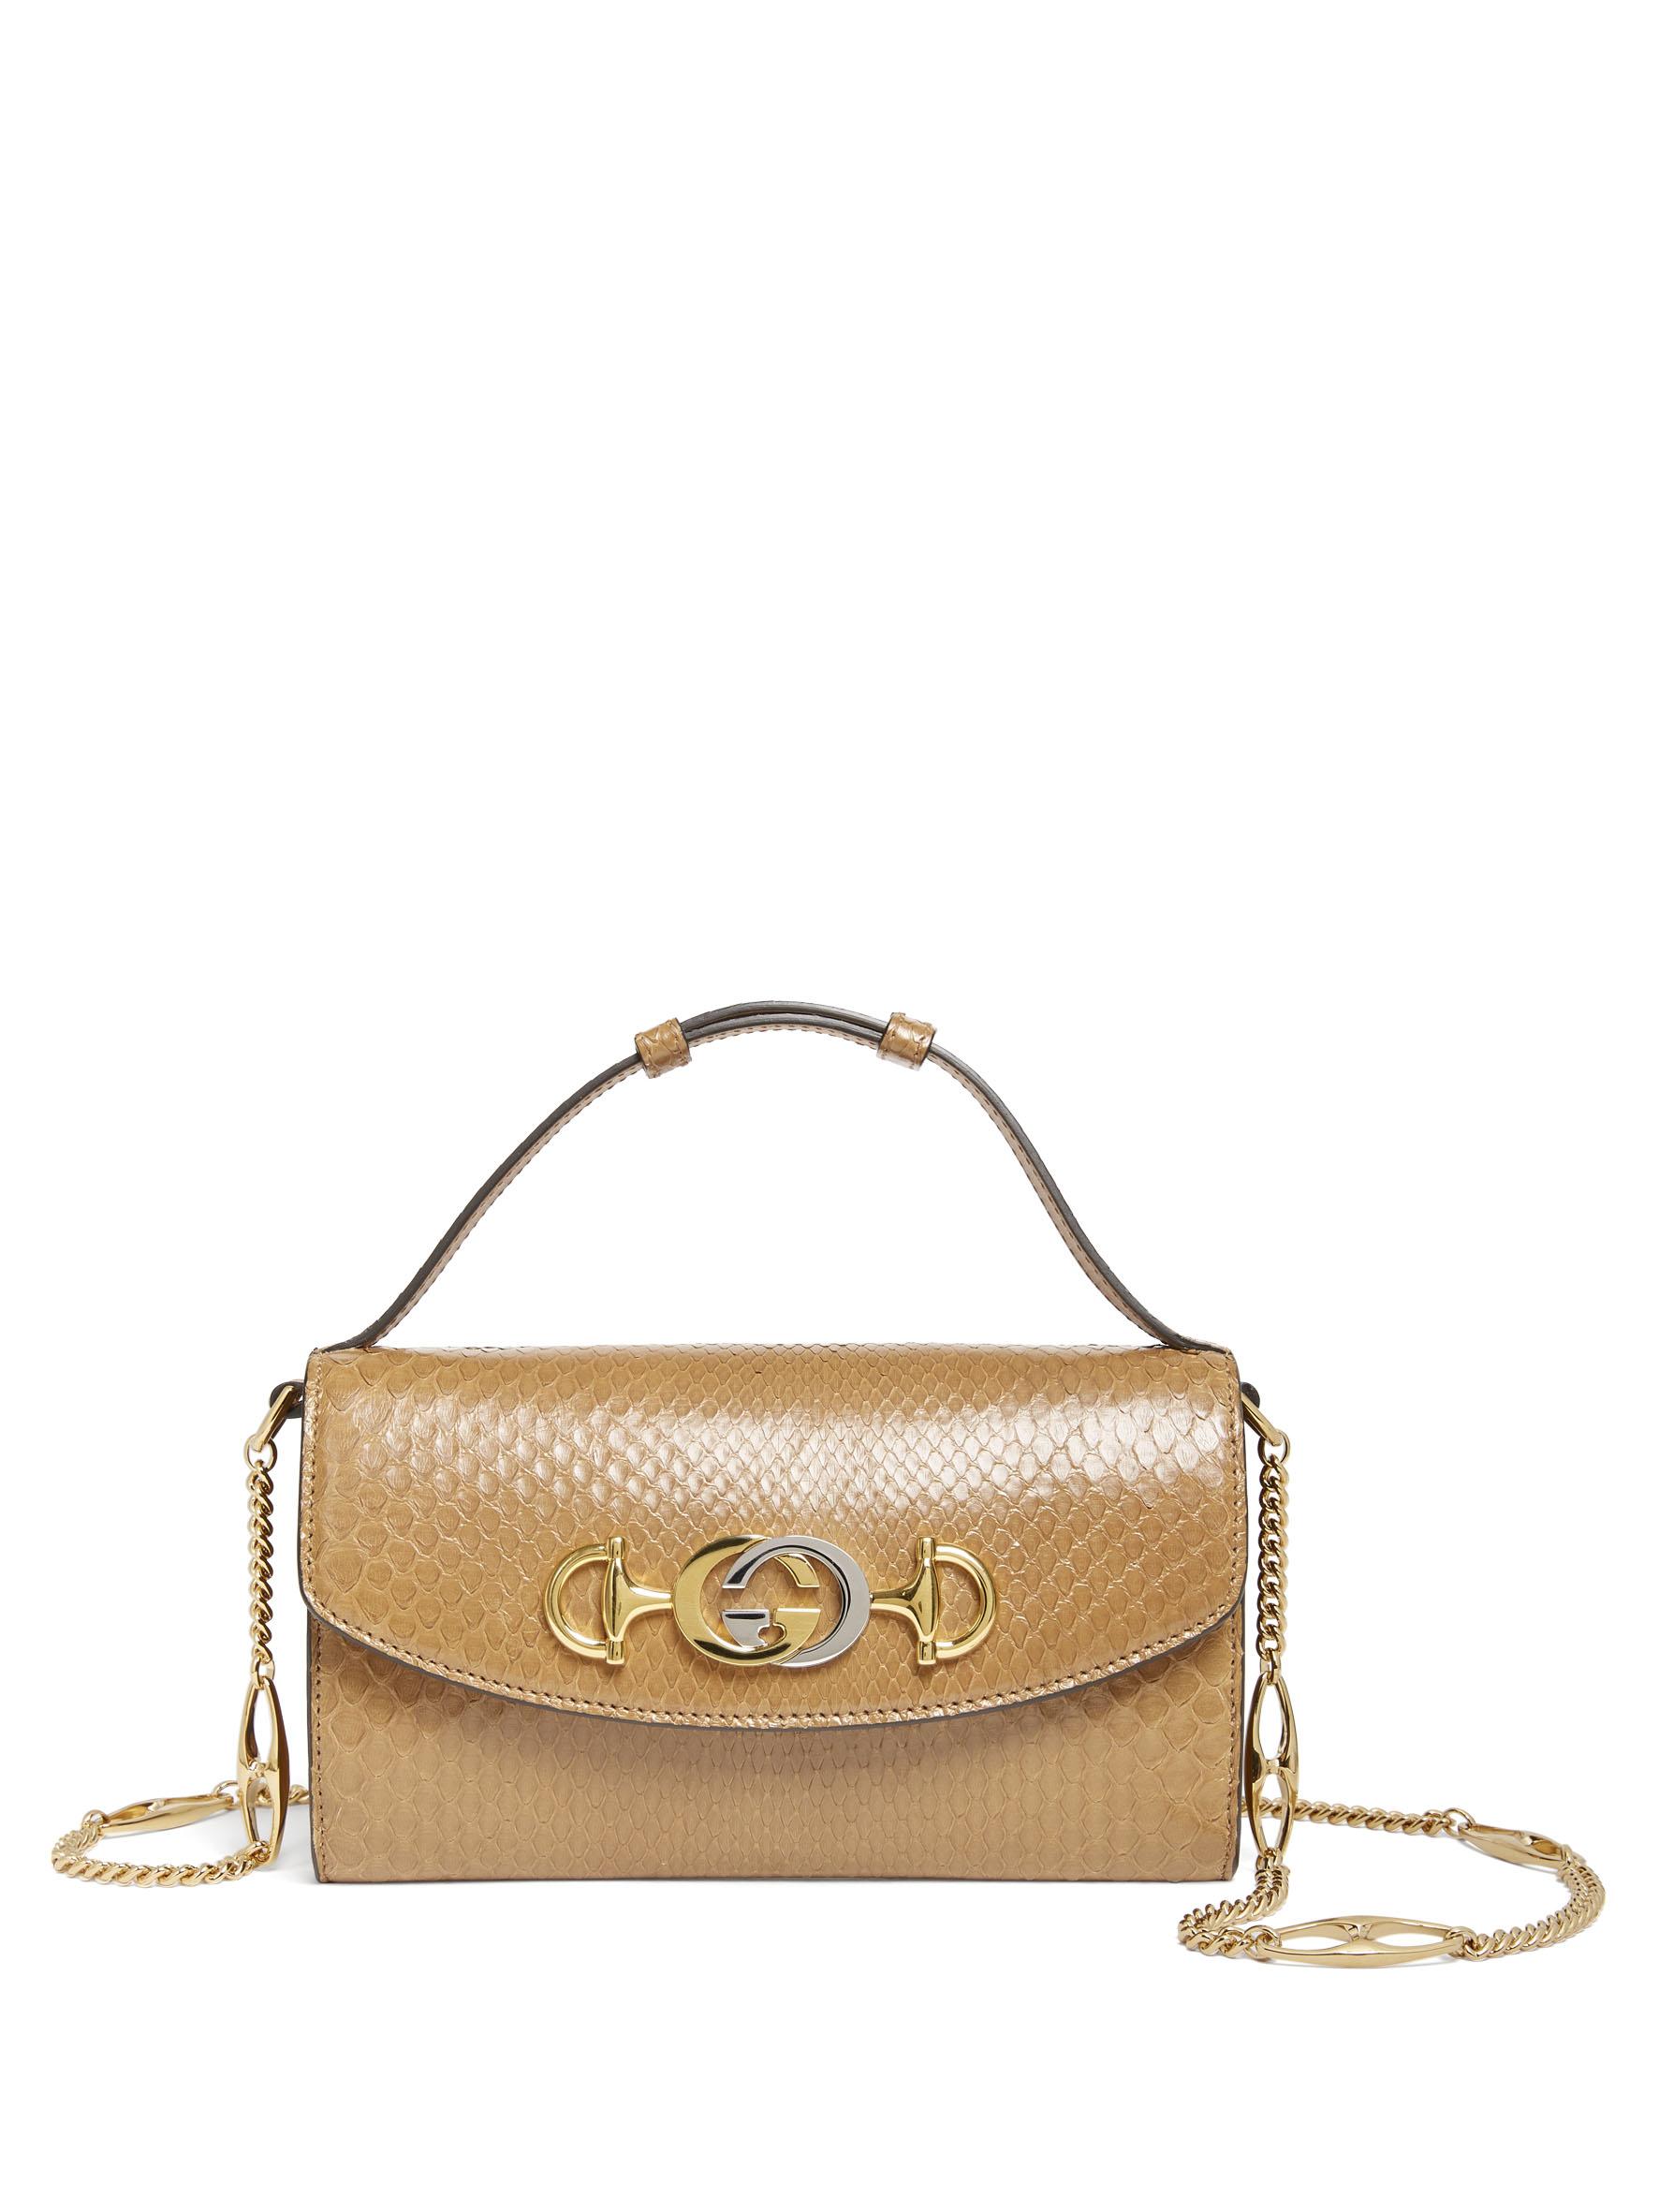 Gucci borse primavera estate 2019